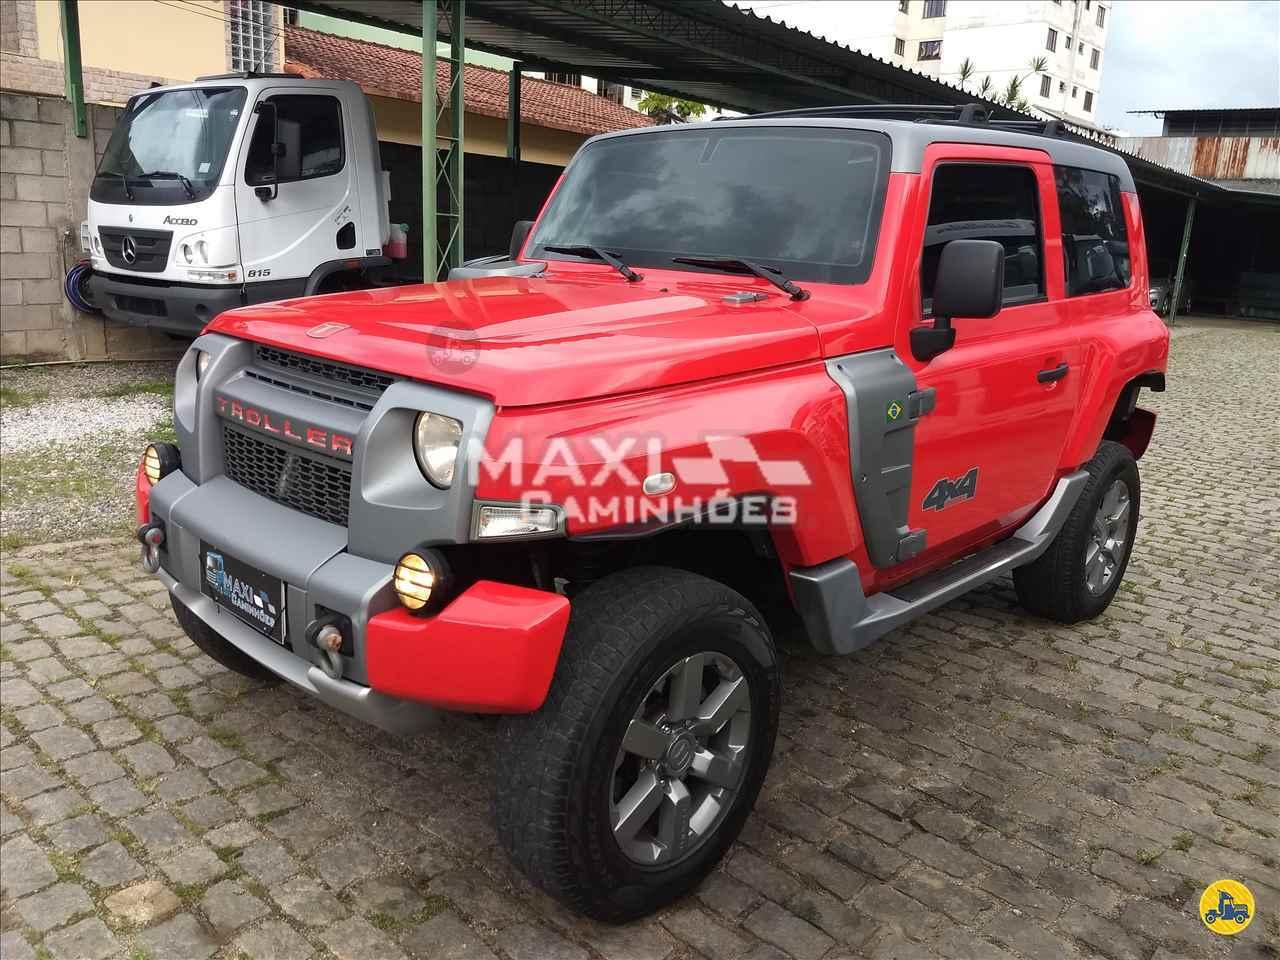 CARRO TROLLER T-4 3.2 XLT Maxi Caminhões TERESOPOLIS RIO DE JANEIRO RJ